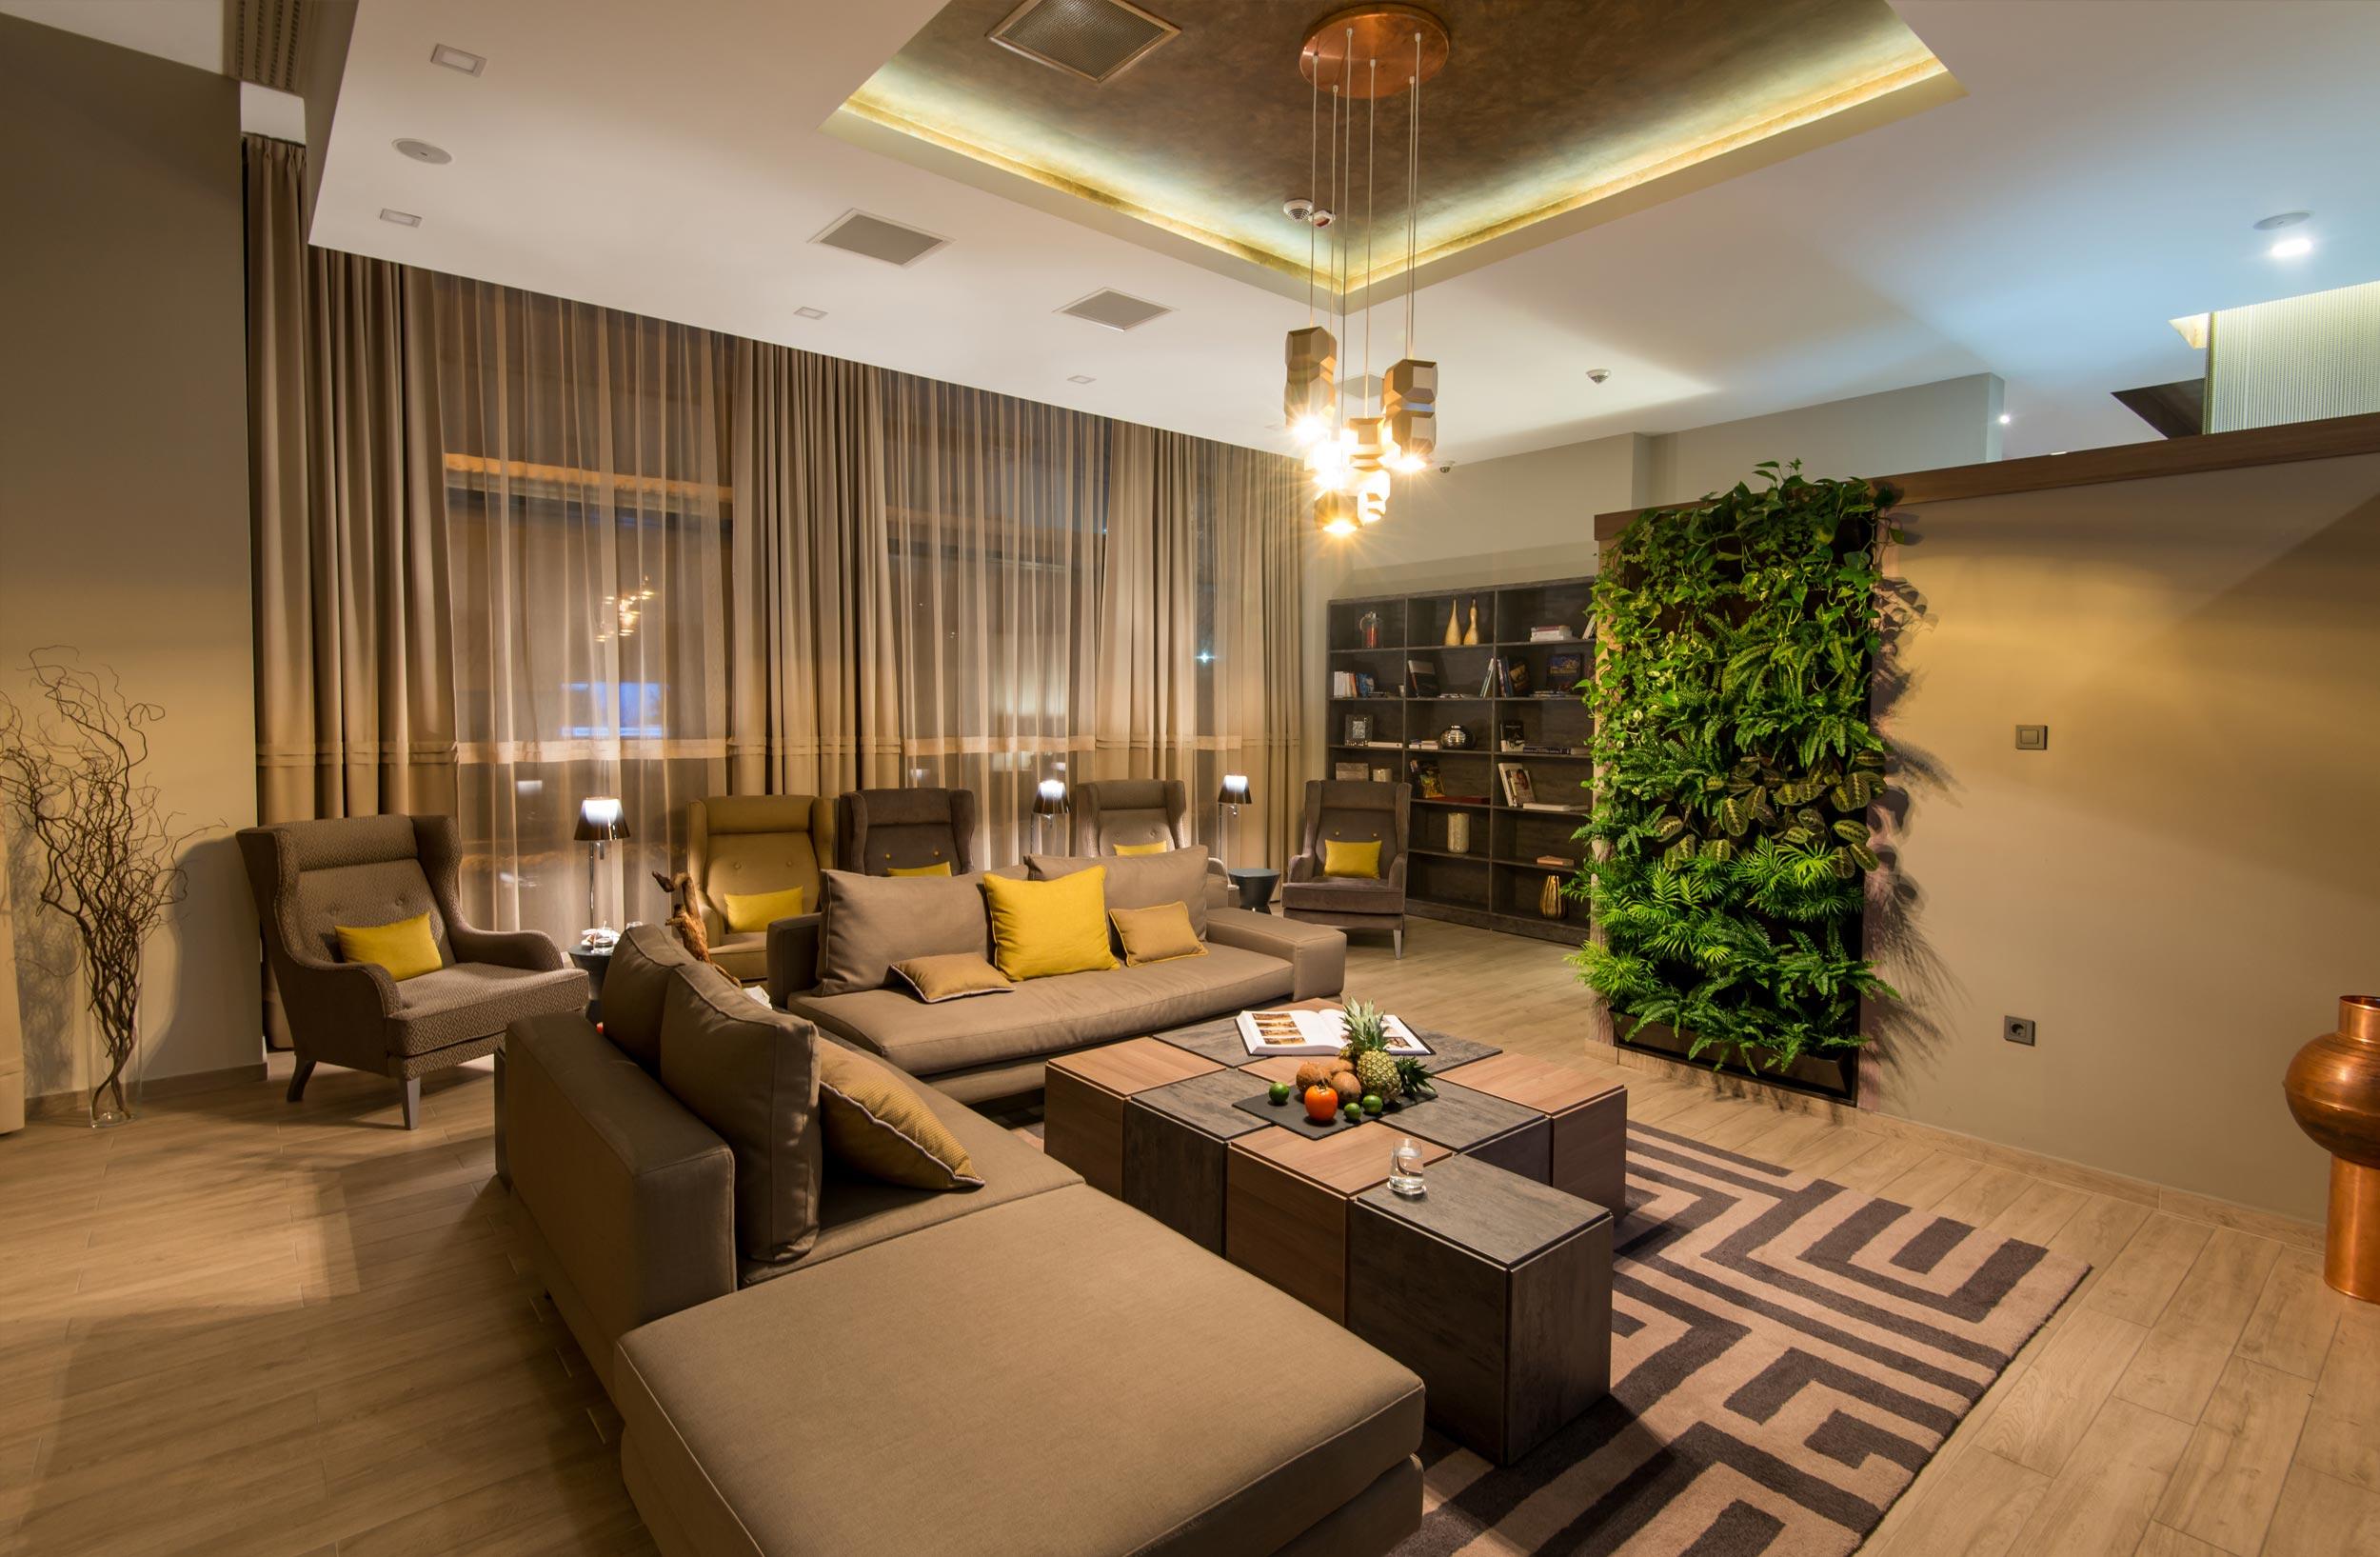 Marriott-Residence-Inn-4-12CL.jpg